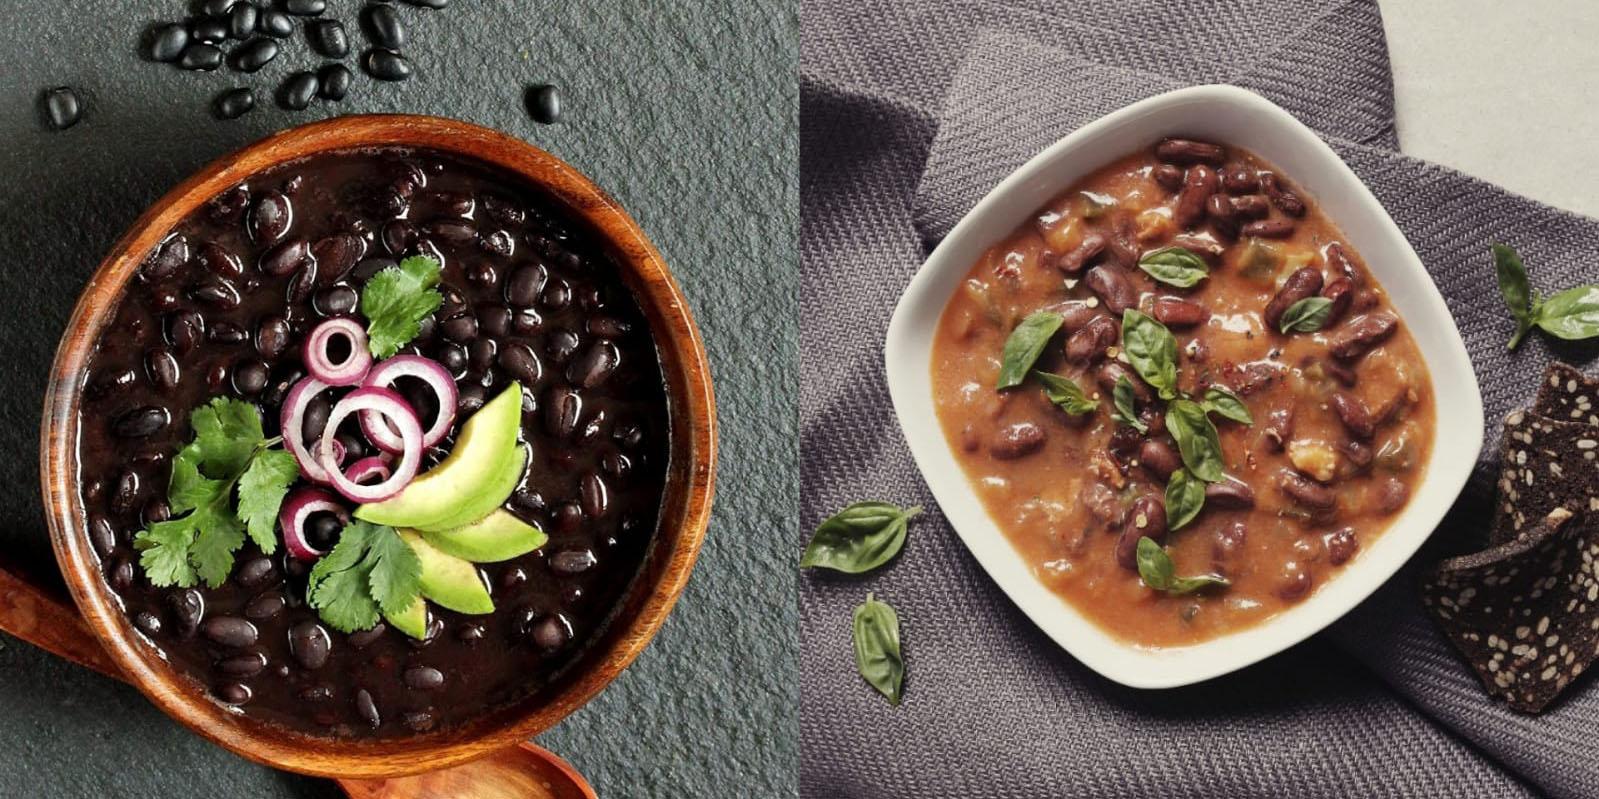 Conoce los beneficios  de comer frijoles | El Imparcial de Oaxaca